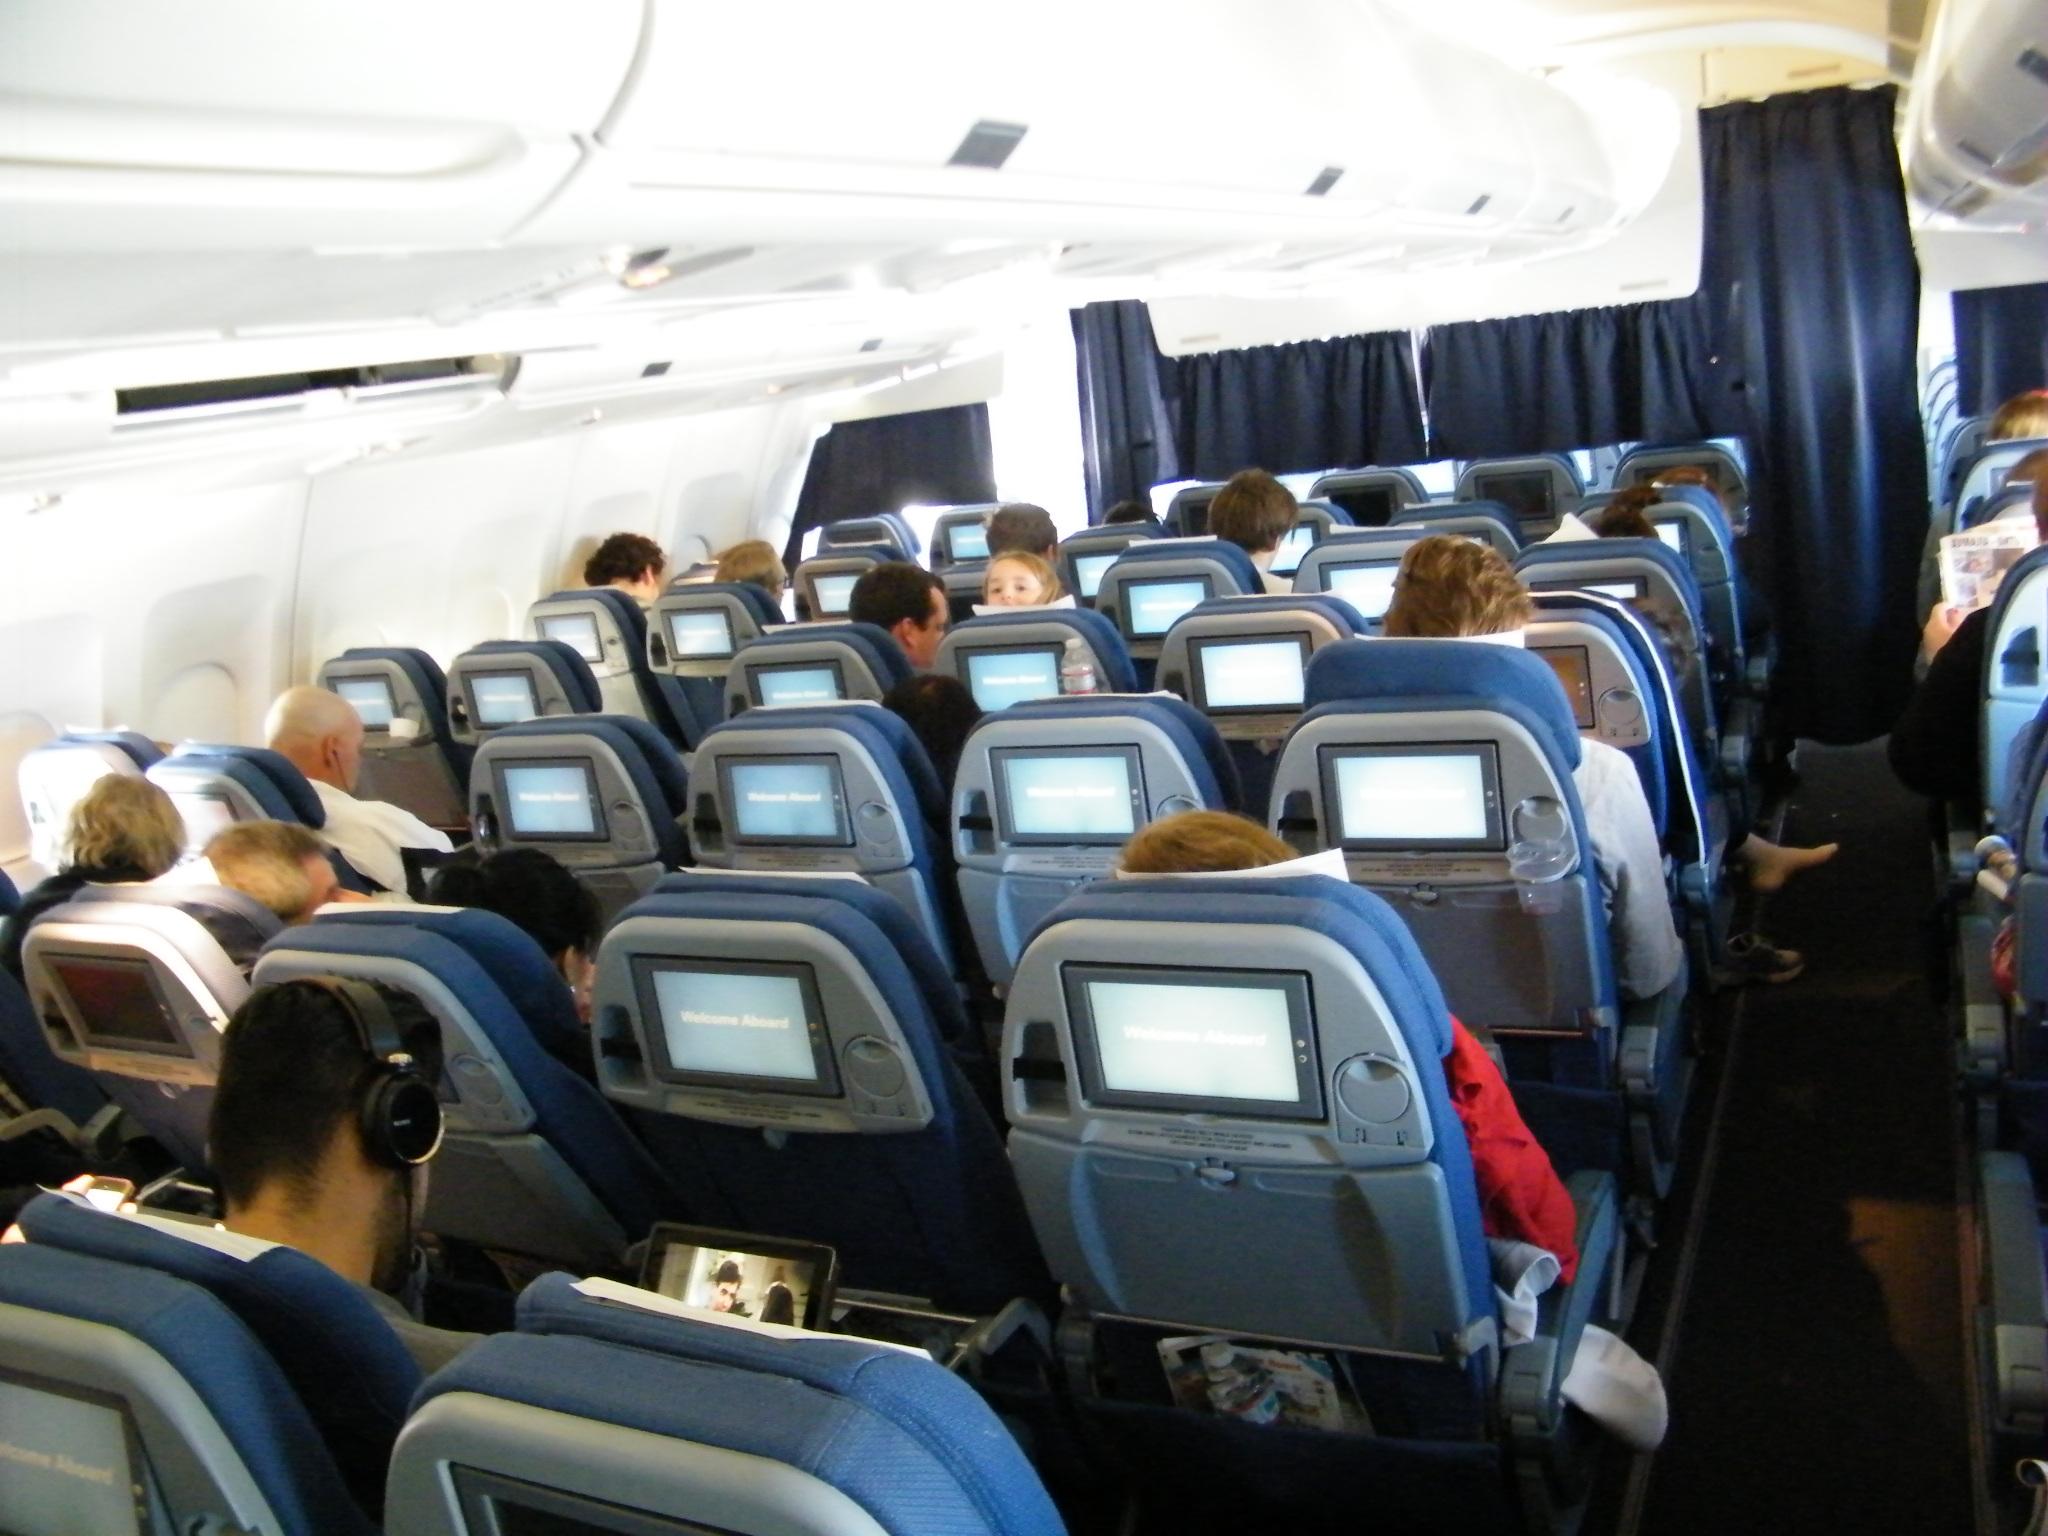 Ved hjælp af stemmestyret teknologi kan for eksempel børn i hjemmet spørge, hvornår fars eller mors fly lander. Foto: STANDBY.dk